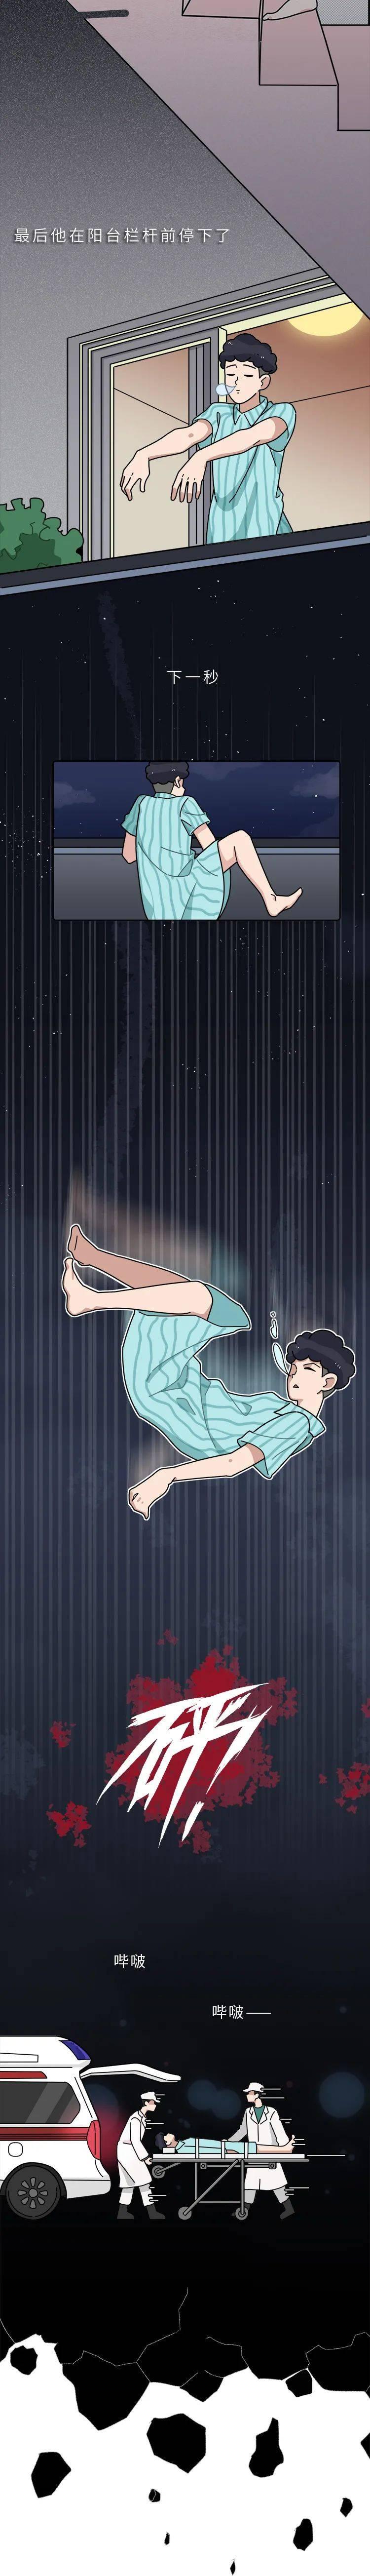 睡着后出现这种状况,比熬夜伤身100倍